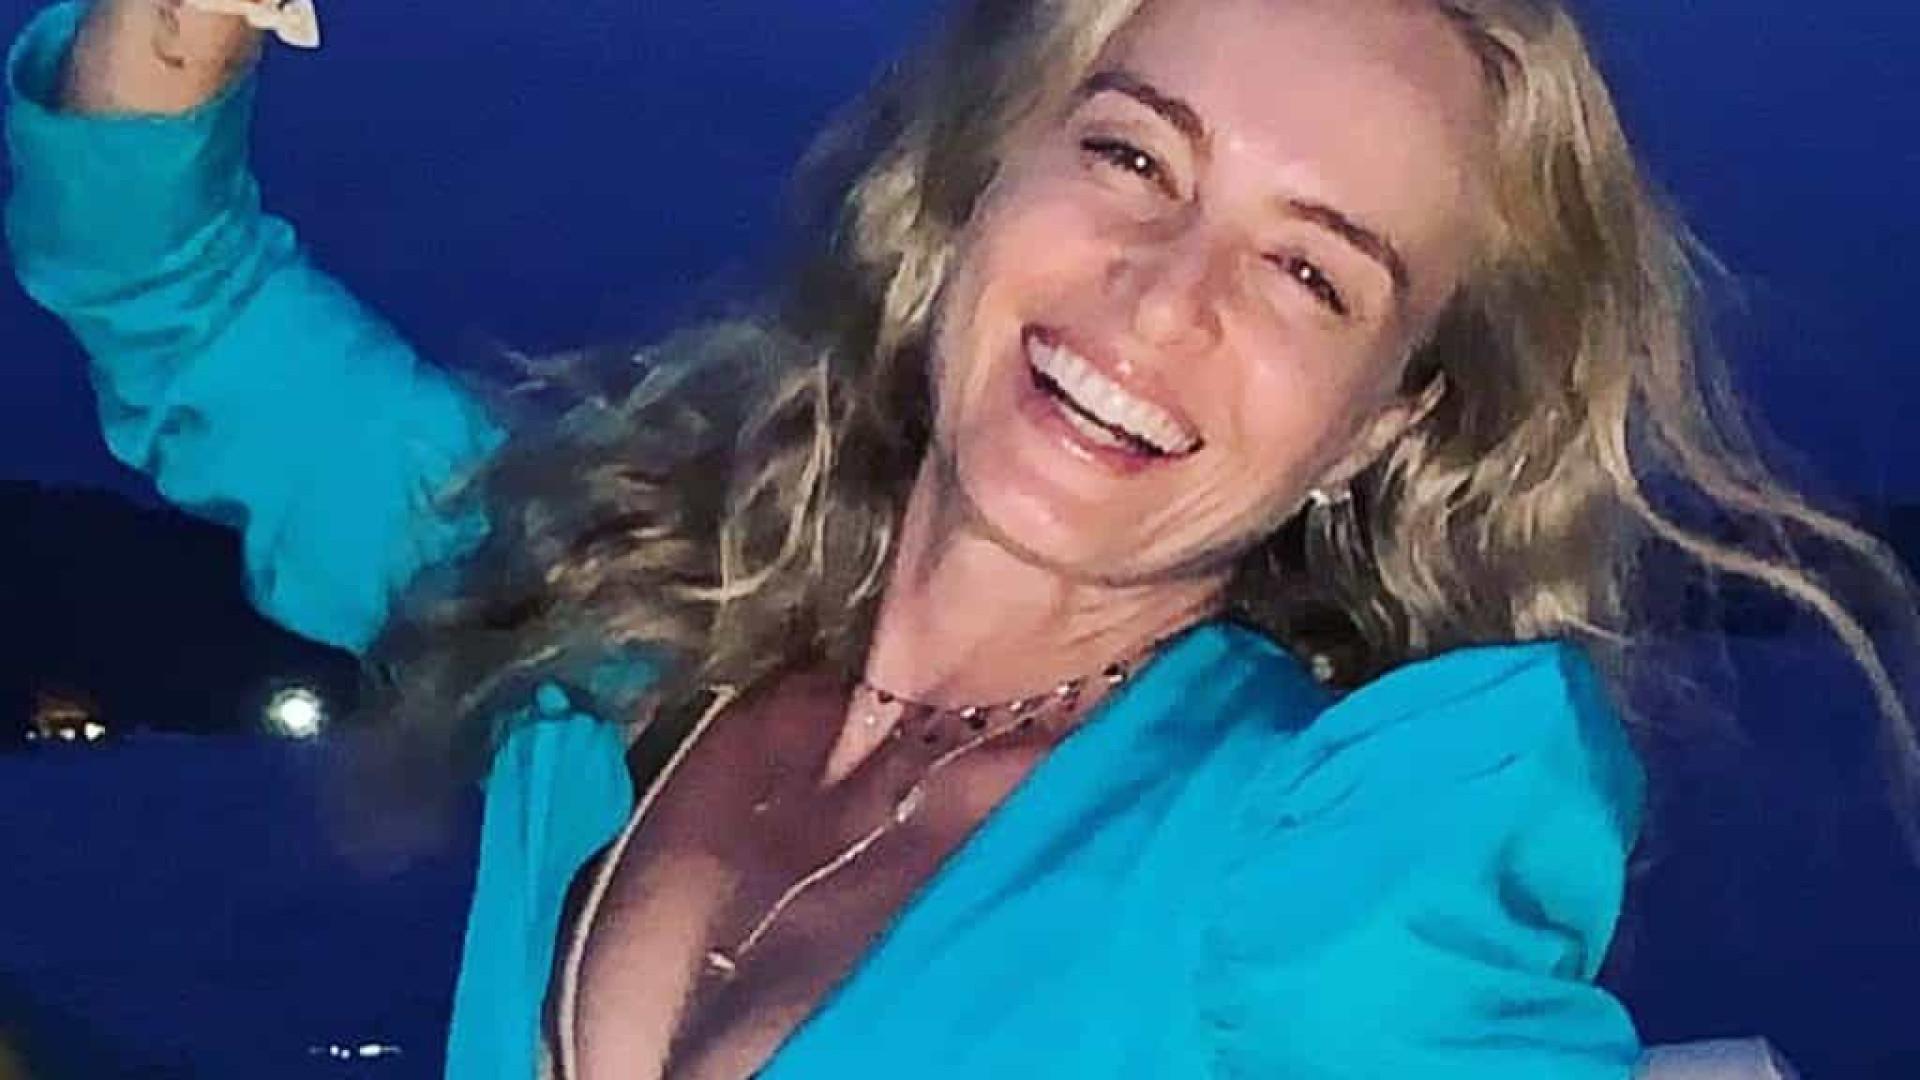 Angélica diz que só aos 44 anos comprou roupas que realmente gostava